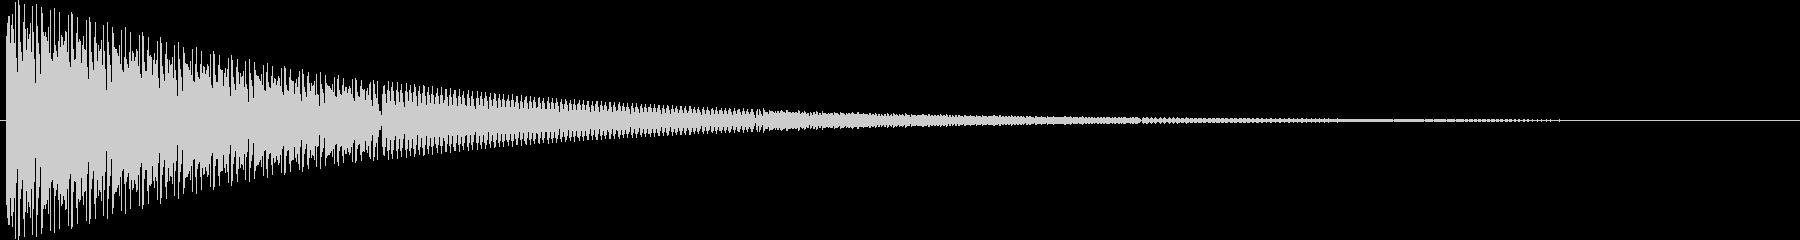 電子ブザートレイルまたは警告音の未再生の波形